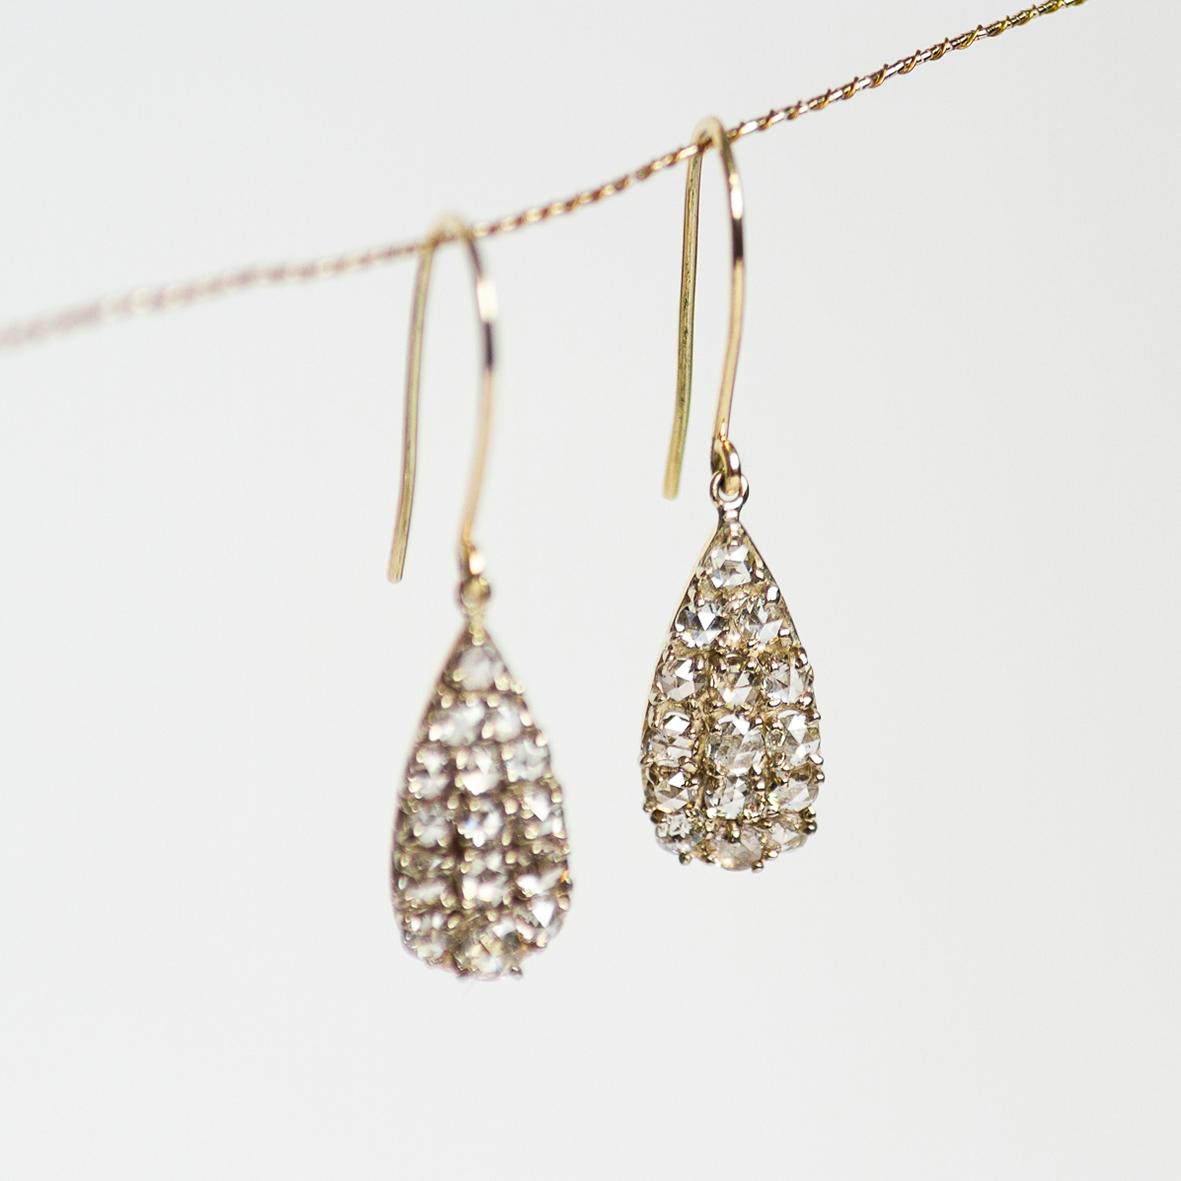 5. OONA_lotus_ficha2_drop rose-cut diamond earrings